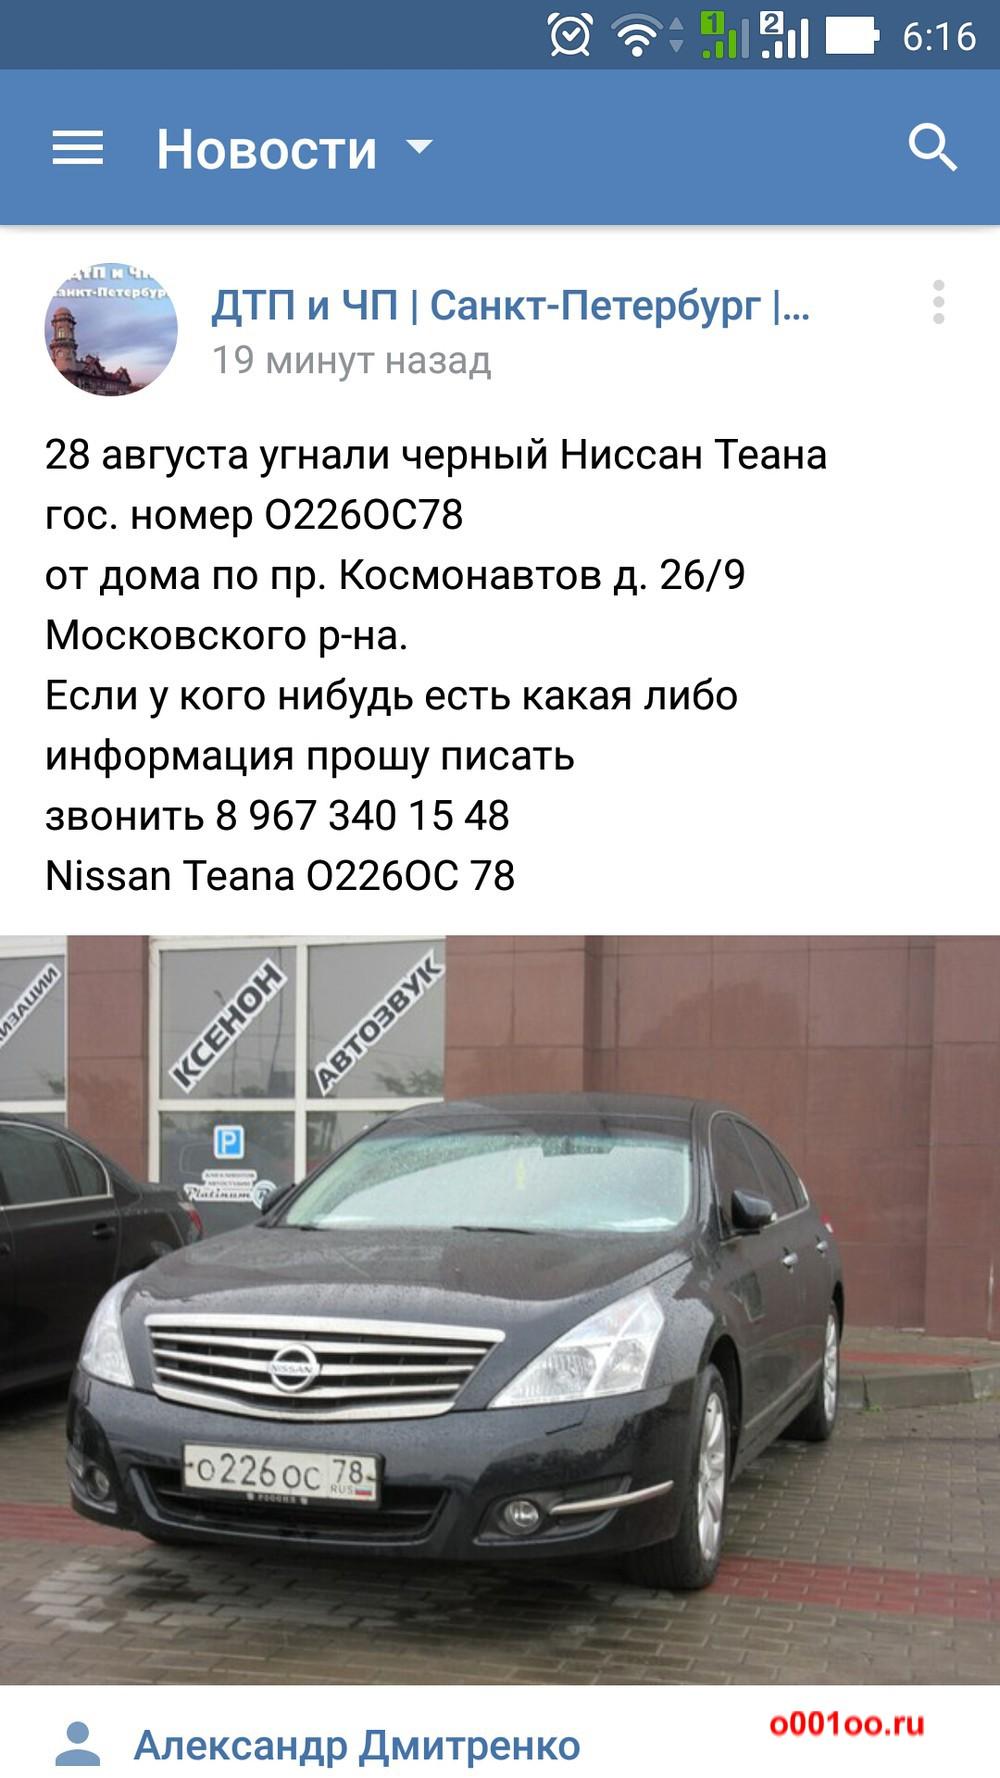 о226ос78